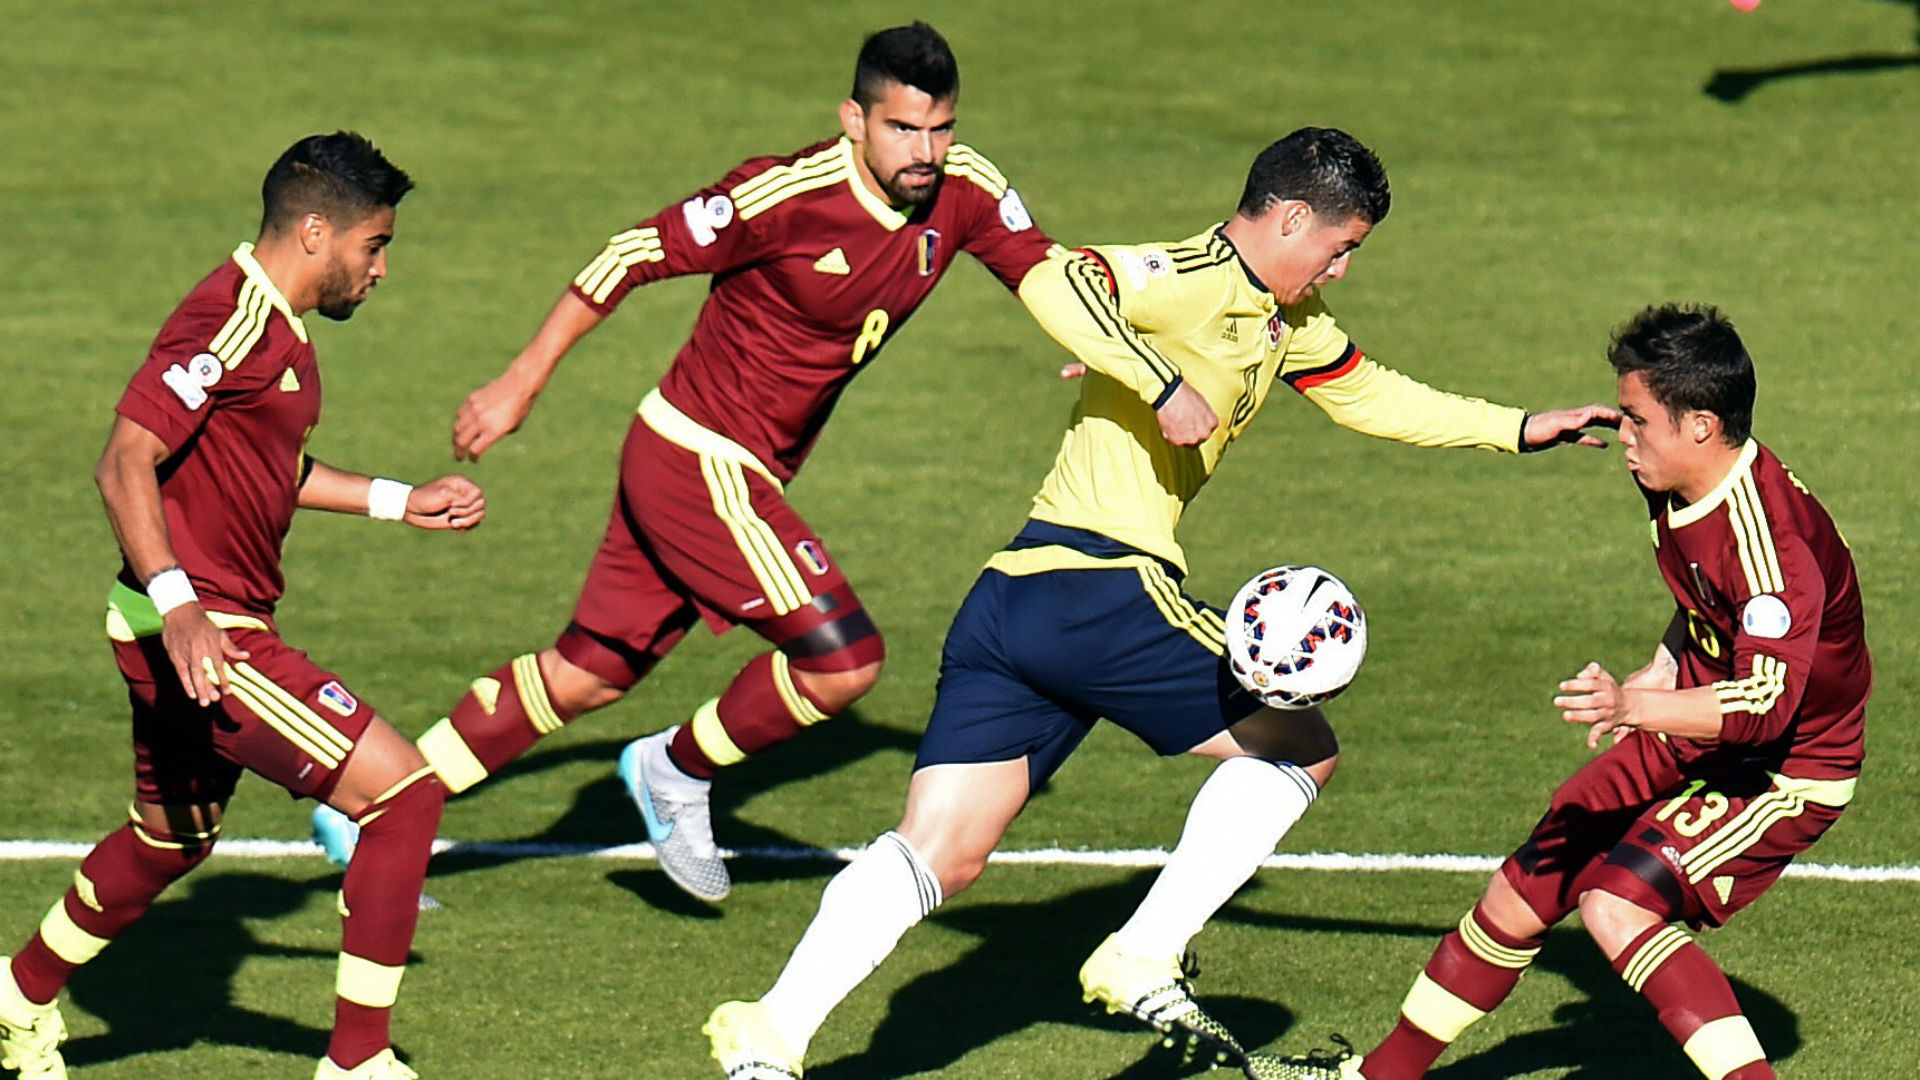 Прогноз на матч Колумбия - Парагвай 08 июня 2016